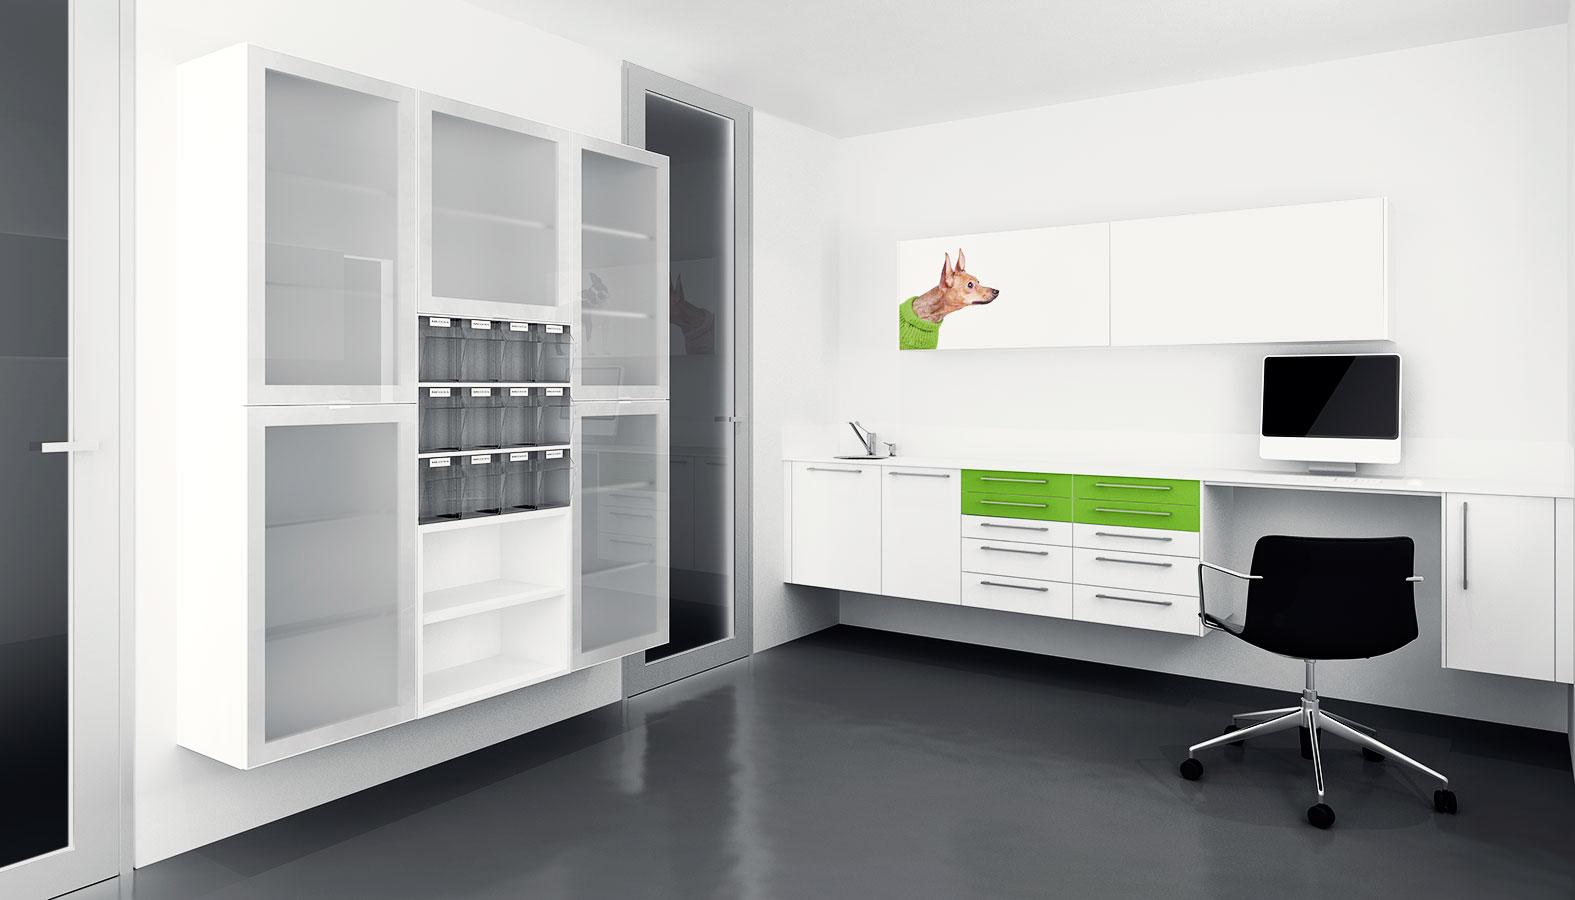 Mobiliario cl nico la novalle cocinas - Mobiliario para veterinaria ...